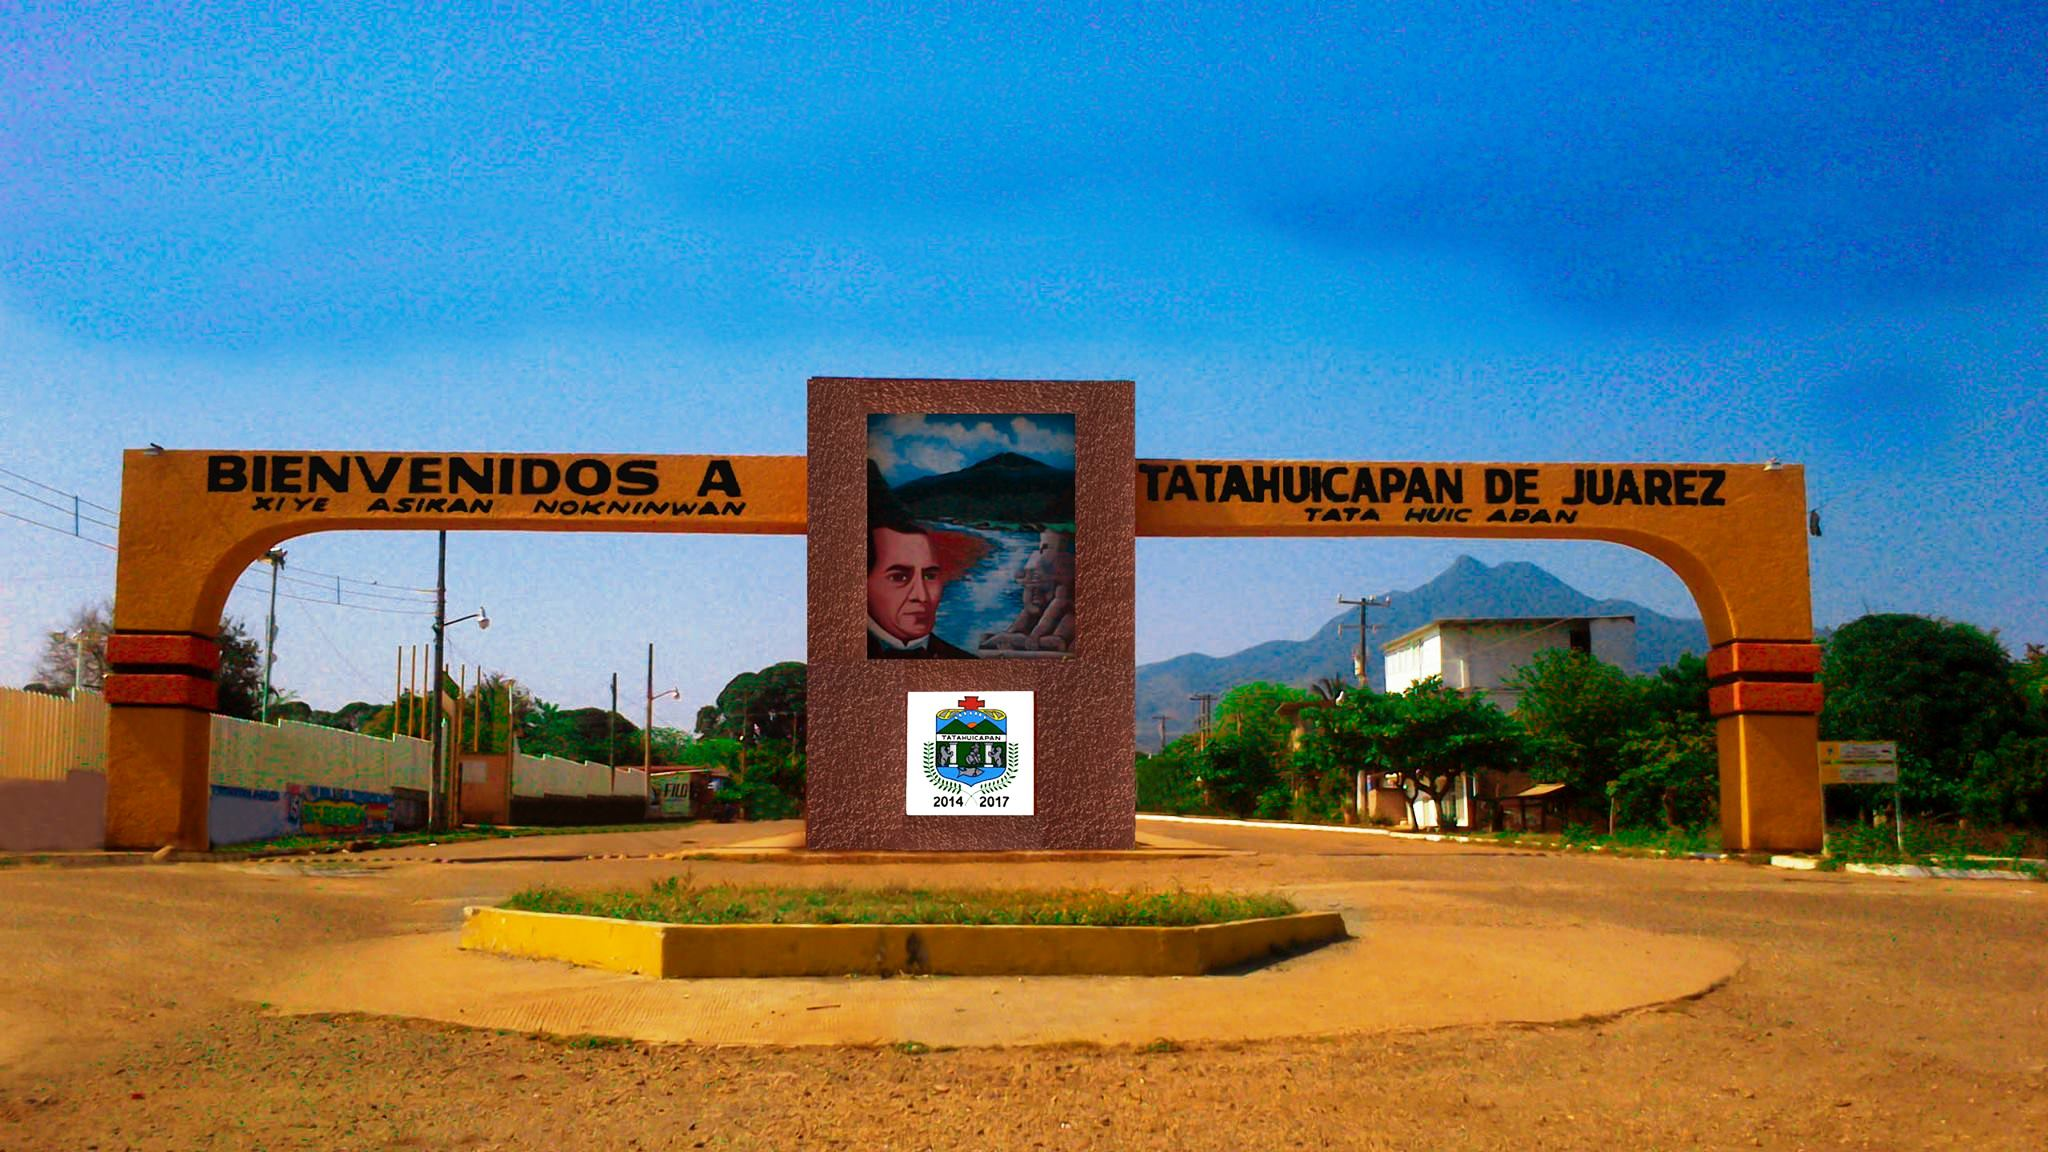 Autodefensas en nómina de Tatahuicapan erradican inseguridad: alcalde